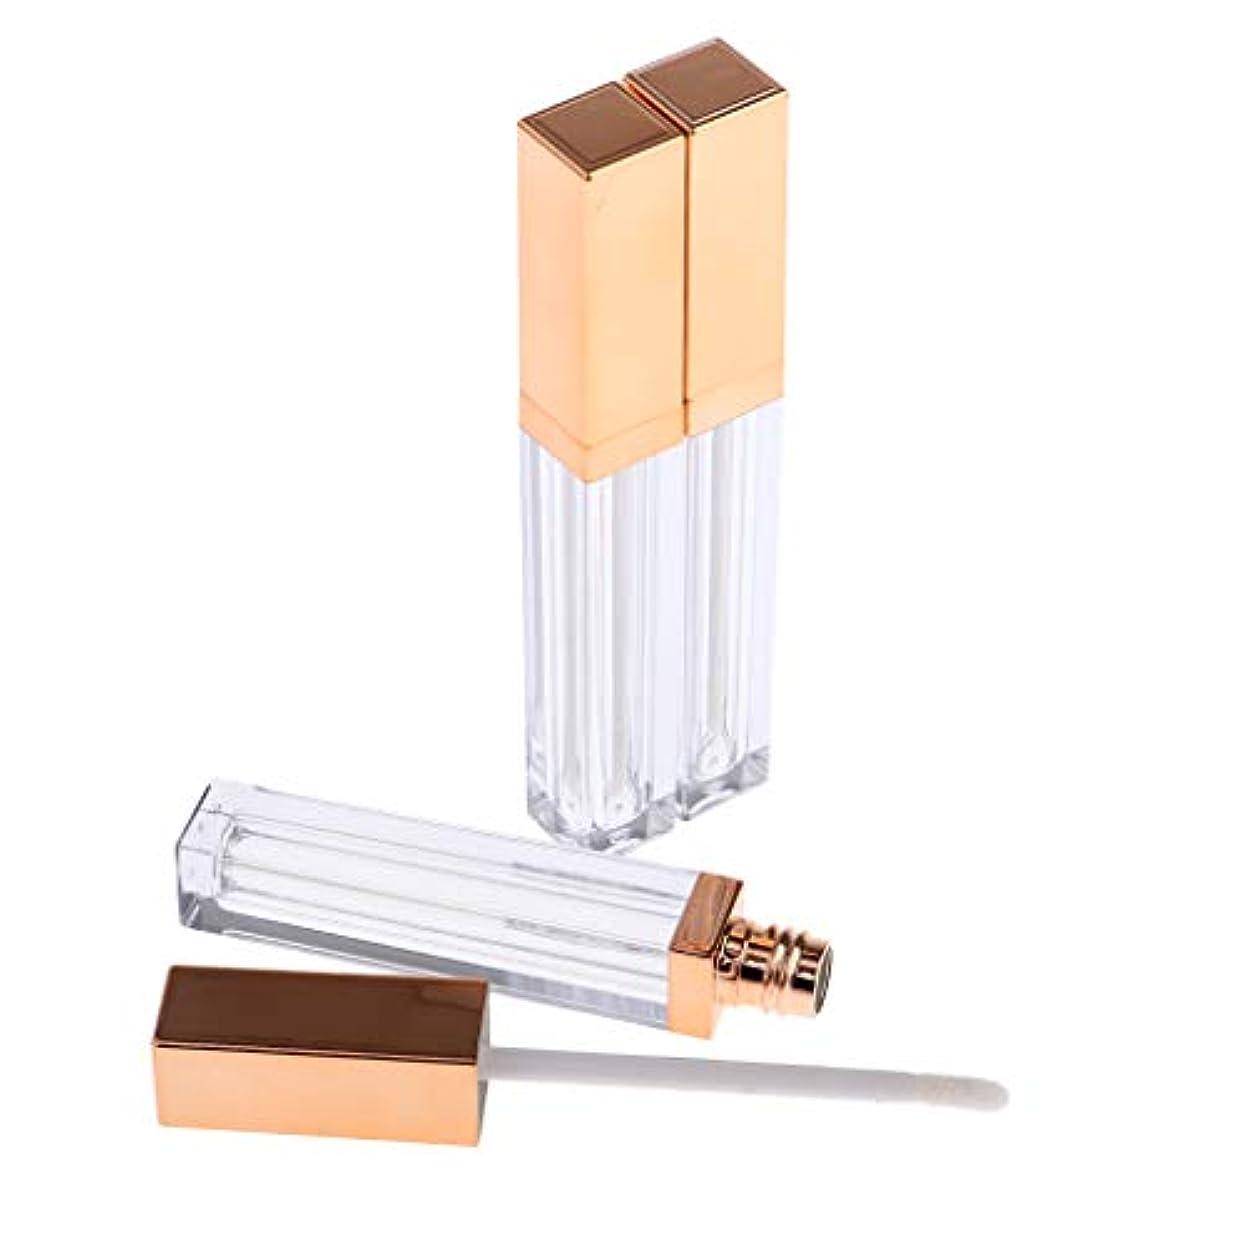 討論行うめまいCUTICATE 詰替え容器 リップグロスチューブ 空 リップグロス管 全3色 - ブロンズゴールデン